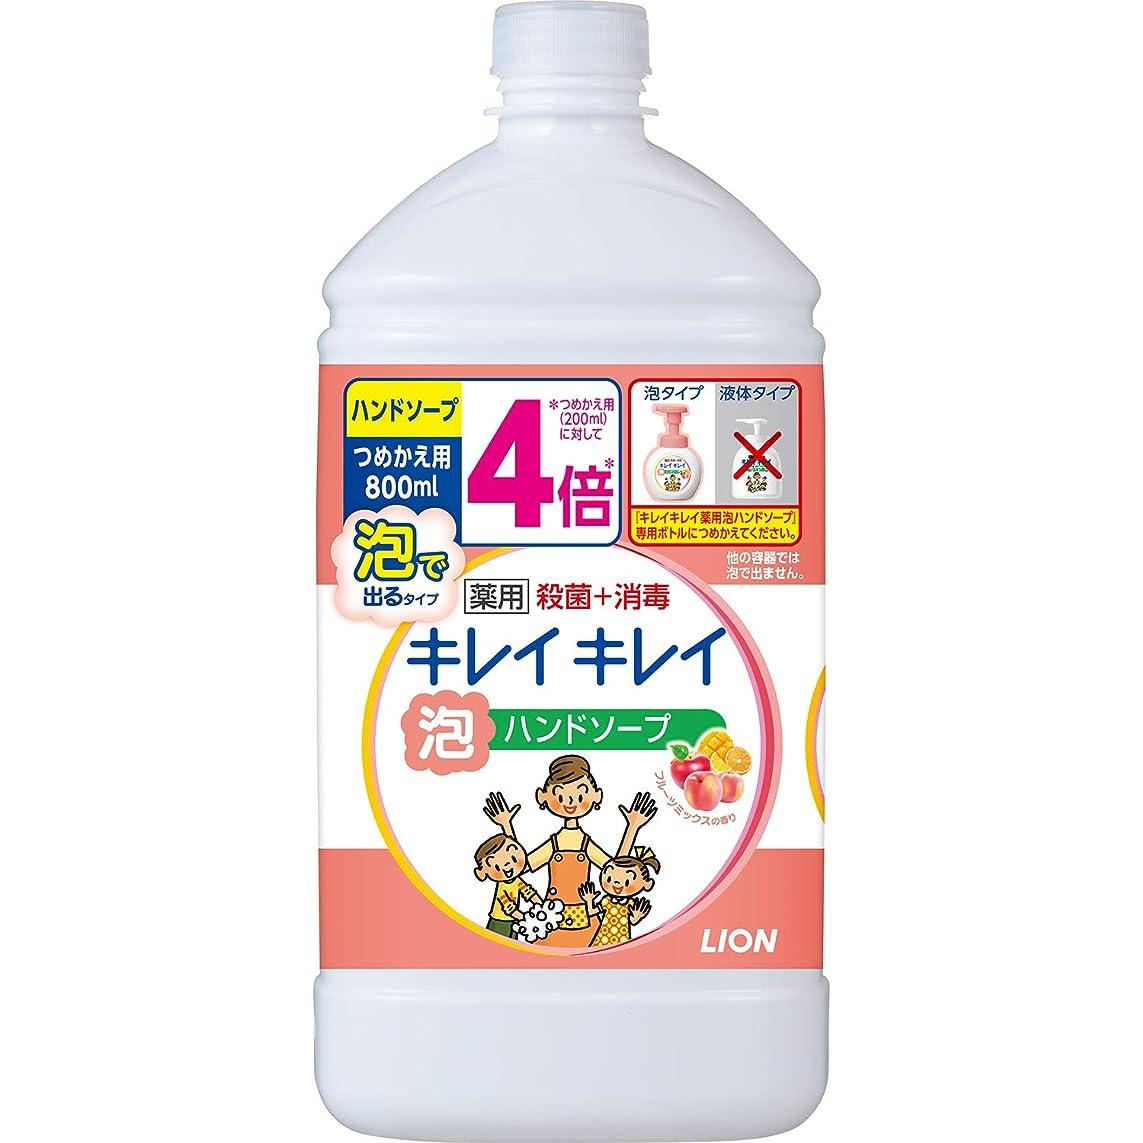 事件、出来事禁止するキャッシュ(医薬部外品)【大容量】キレイキレイ 薬用 泡ハンドソープ フルーツミックスの香り 詰替特大 800ml